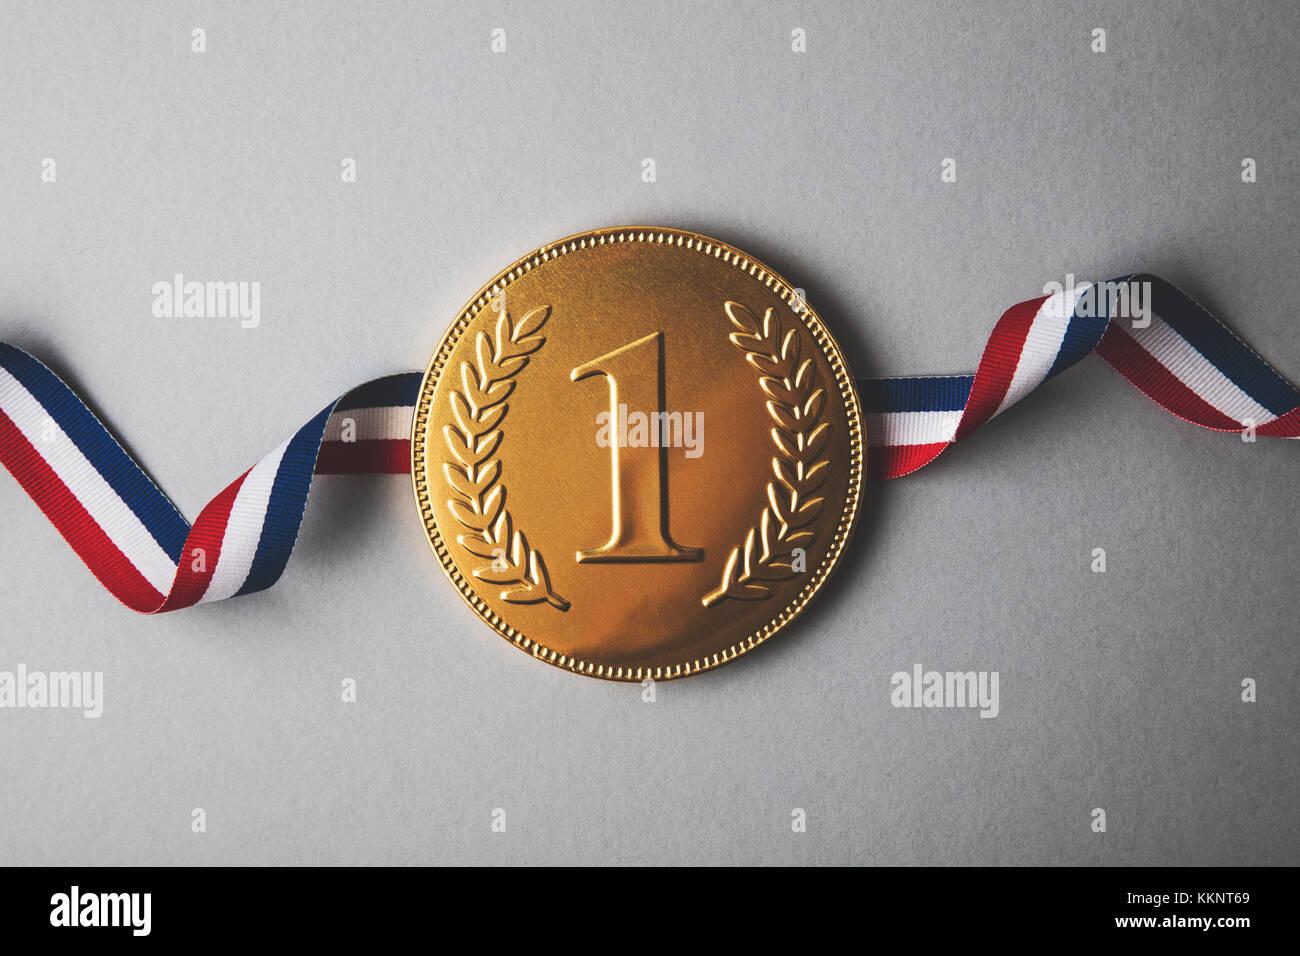 Gold erste Platzsieger Medaille. Erfolg Leistung Konzept Stockbild